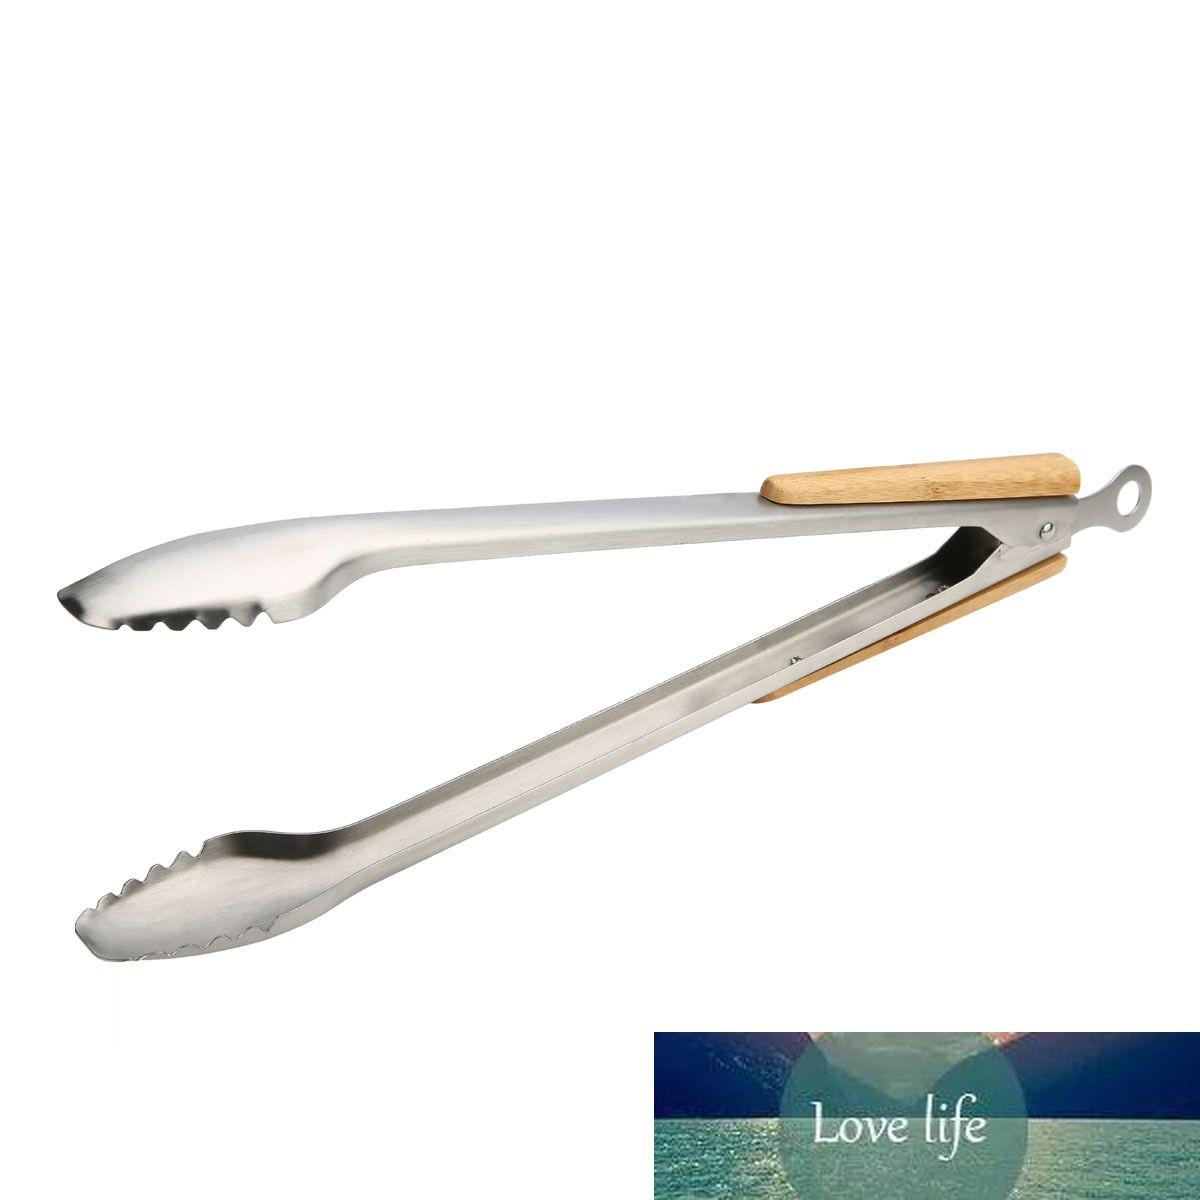 Acero Inoxidable NON Pinzas para Parrilla De Barbacoa 10 Pulgadas Pinzas De Cocina De Metal para Accesorios De Cocina Y Parrilla